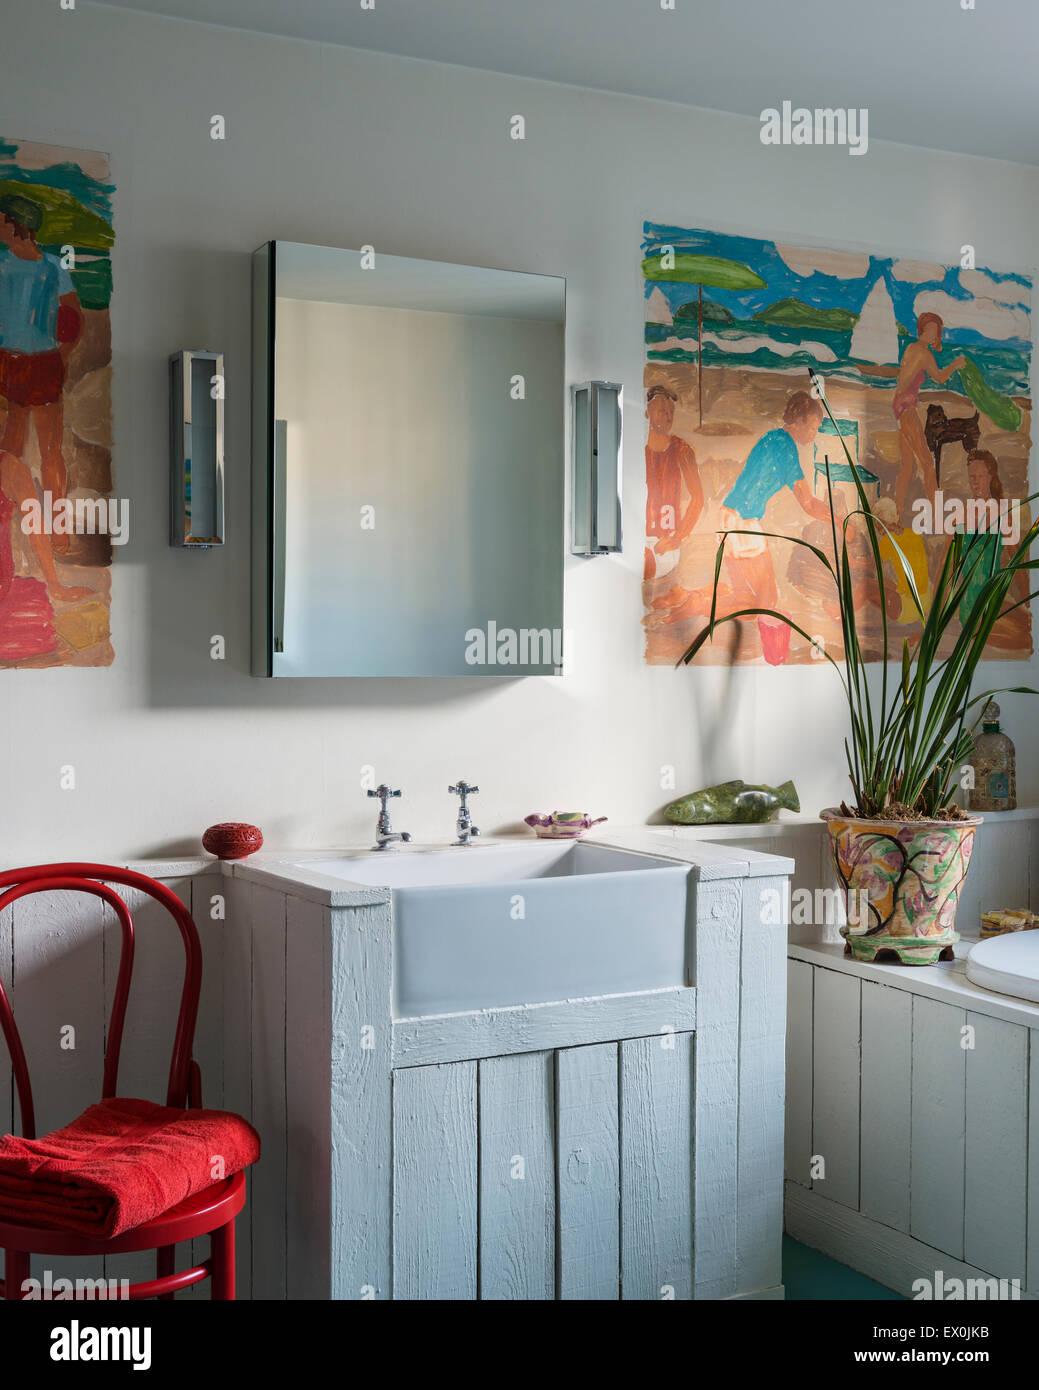 Holz Verkleidet Waschbecken Und Badewanne Im Badezimmer Mit Roten